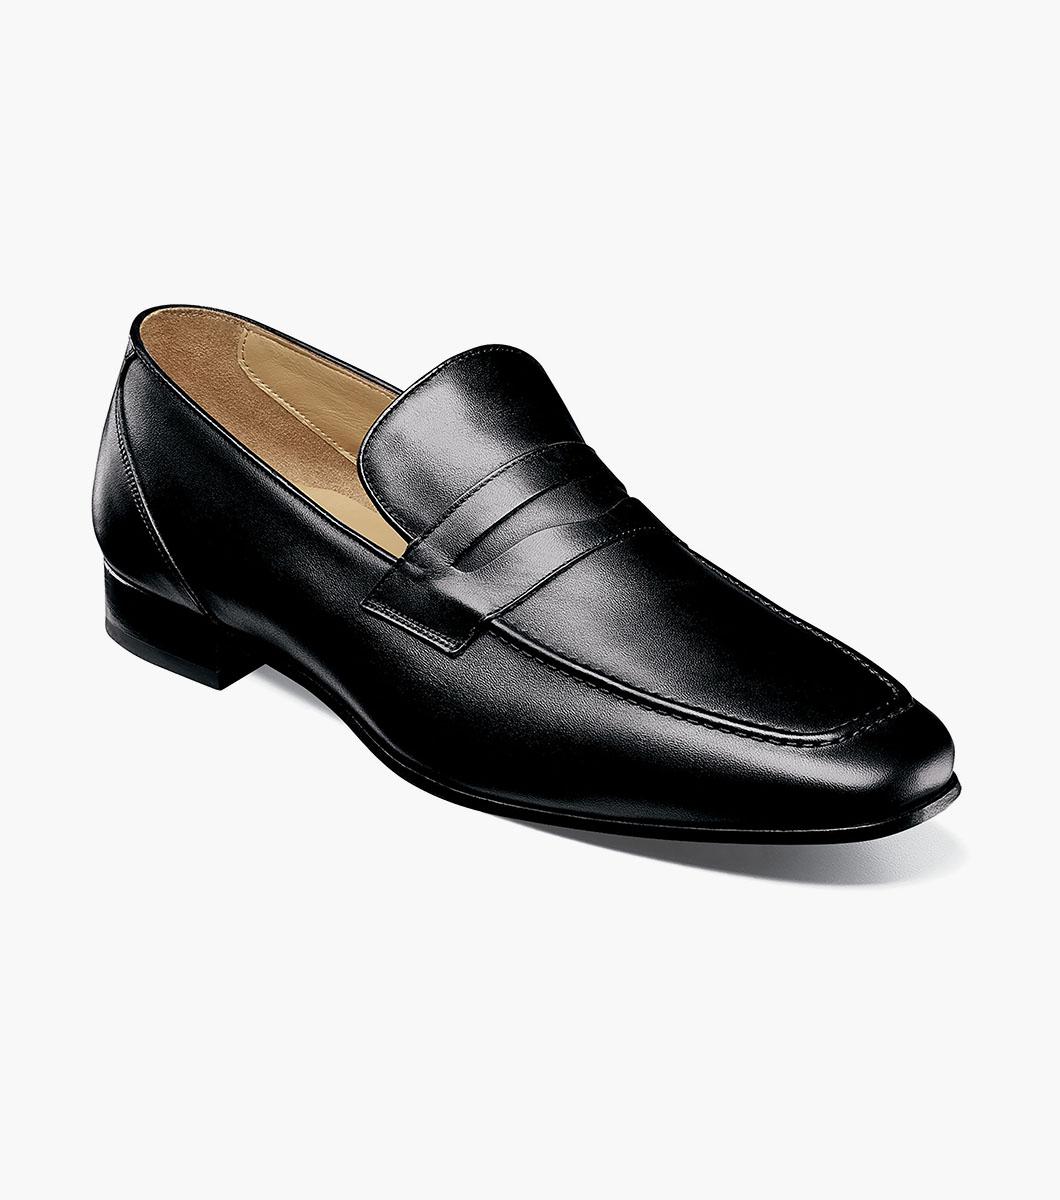 27cfd89ad63 Men s Dress Shoes